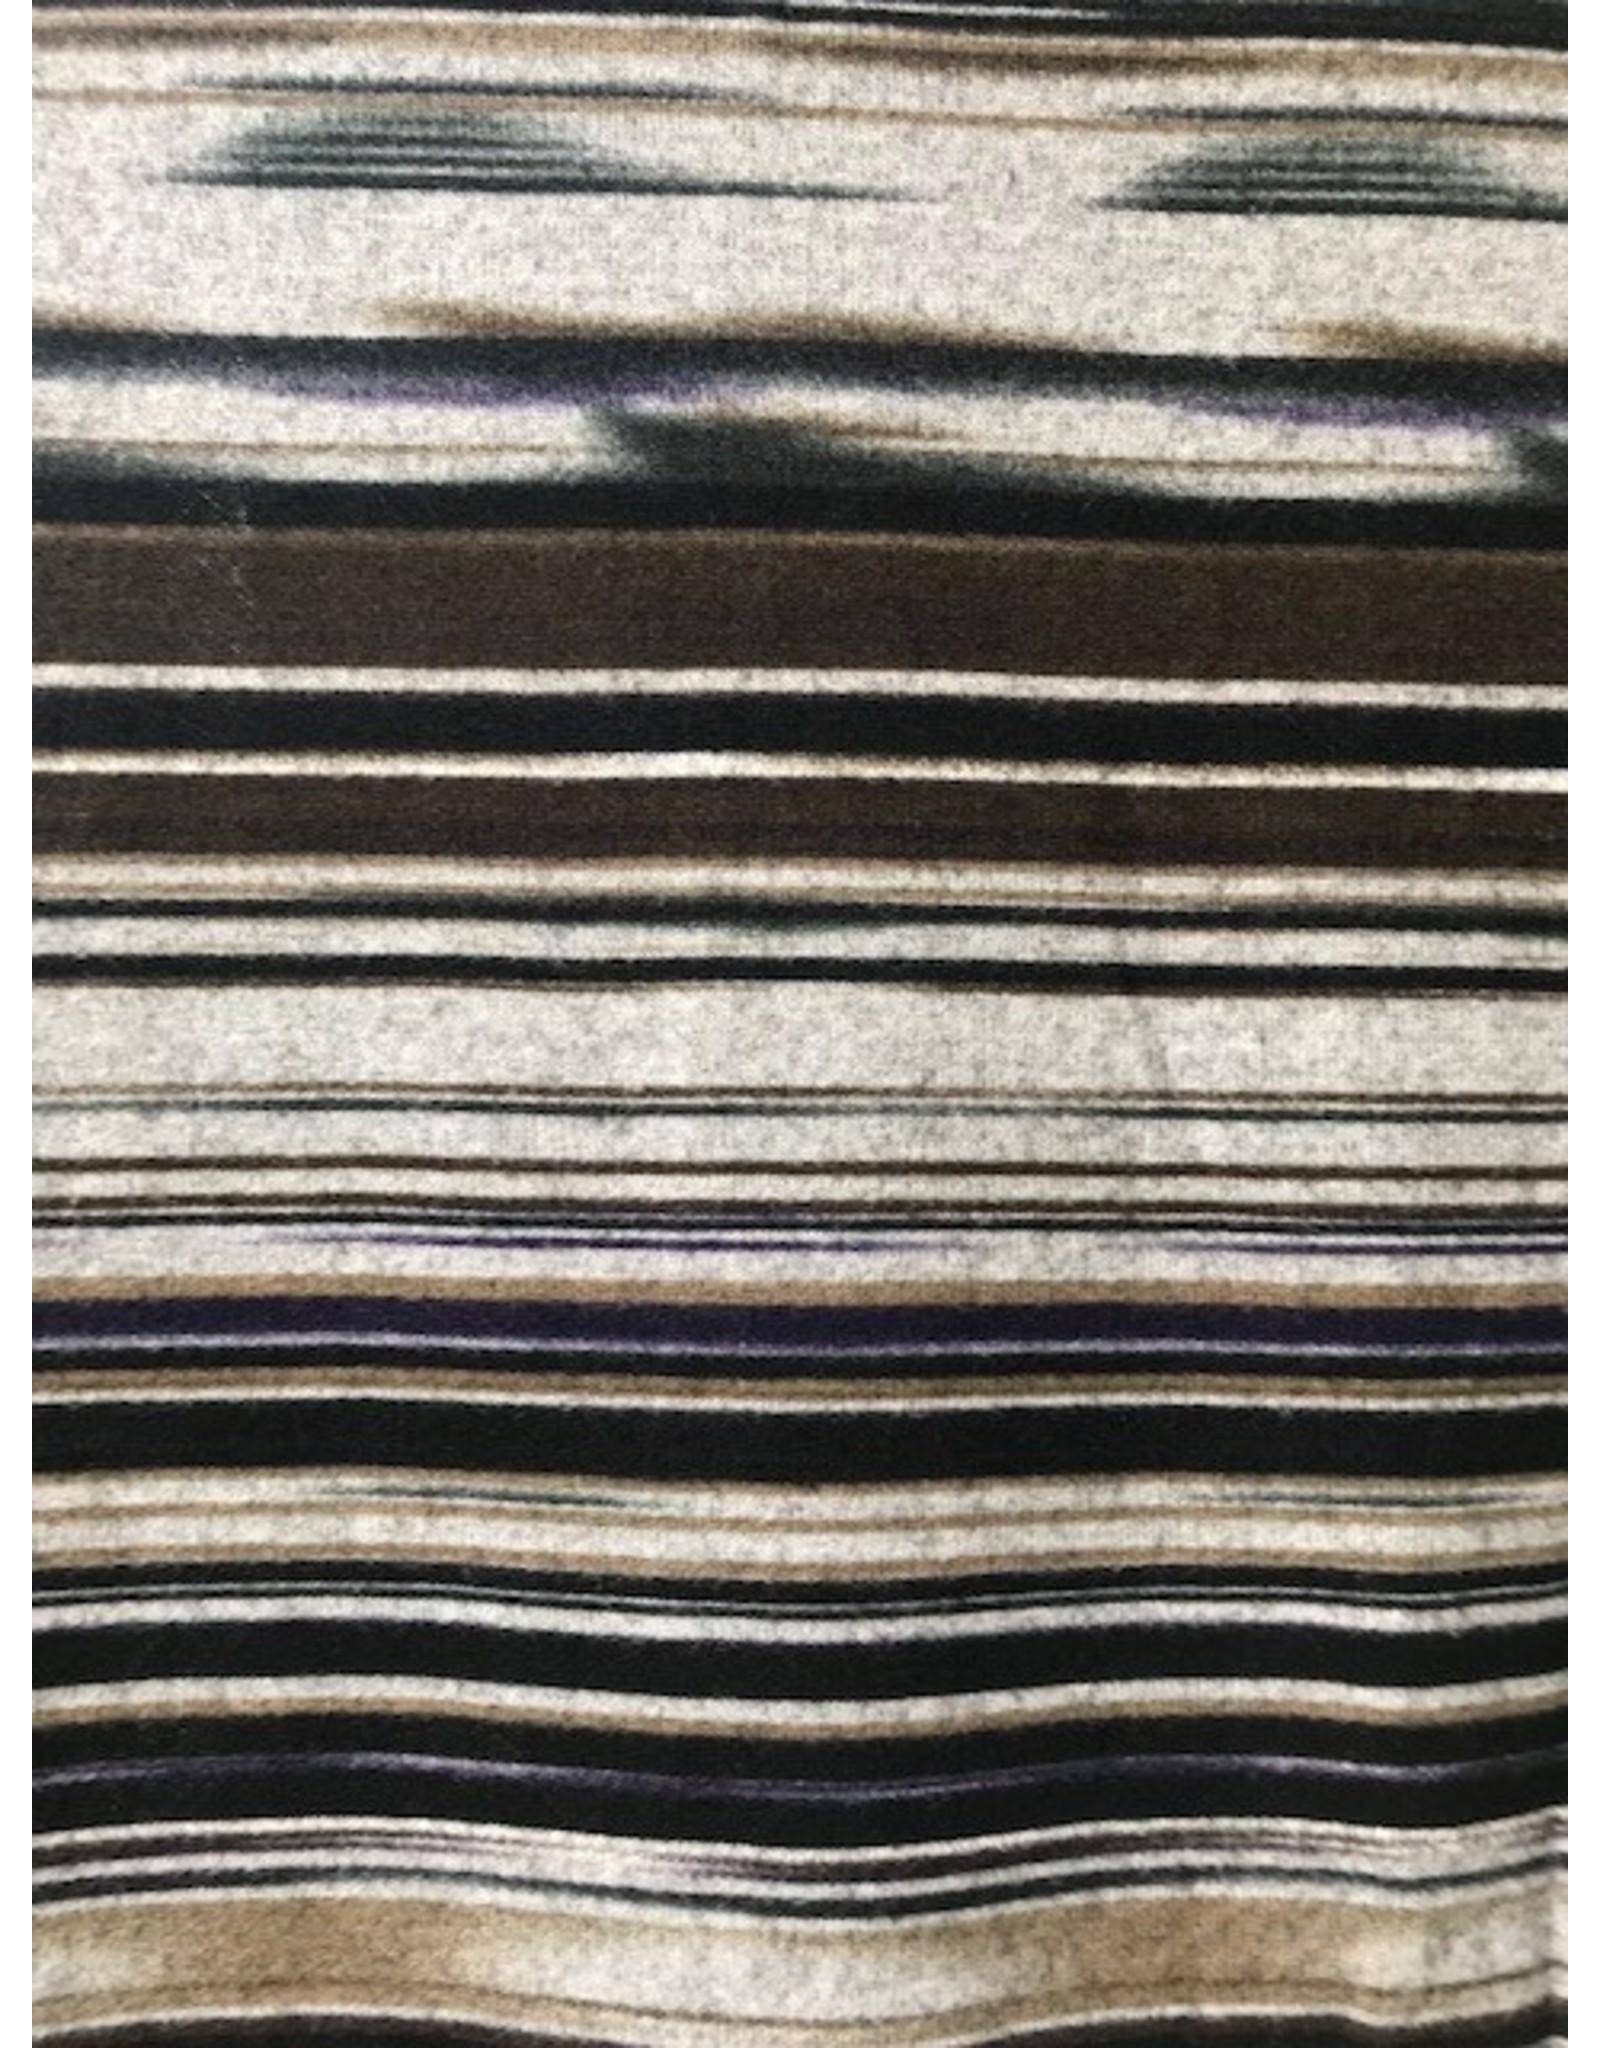 Papillon Papillon - Striped long sleeve top